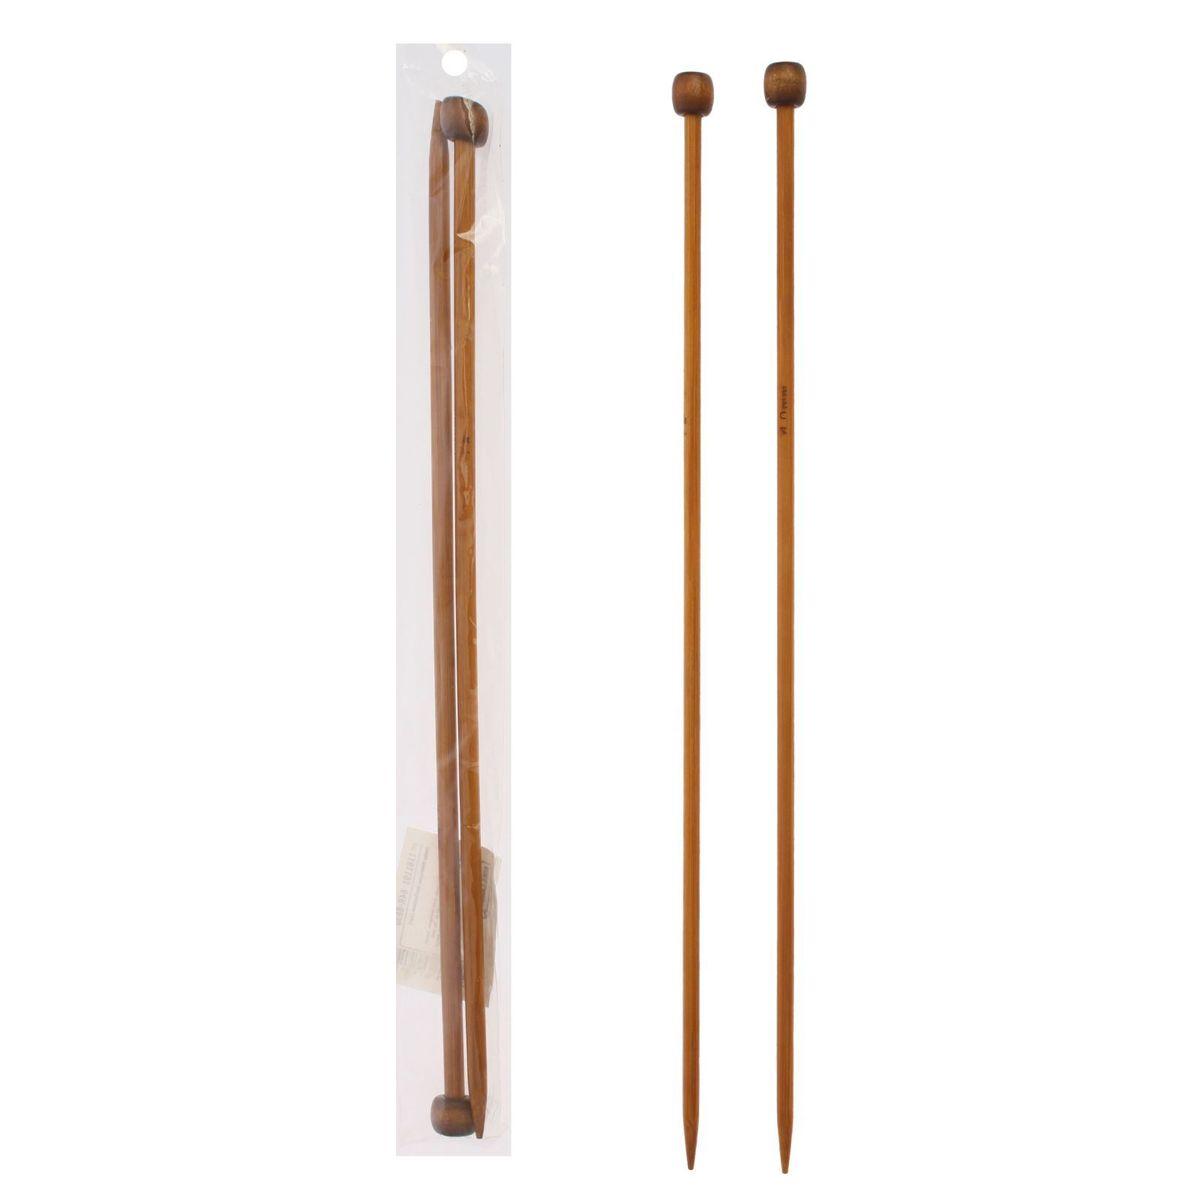 Спицы Sima-land, бамбуковые, прямые, диаметр 4 мм, длина 25 см, 2 шт сувенирное оружие sima land мушкет на планшете 2 шт 227436